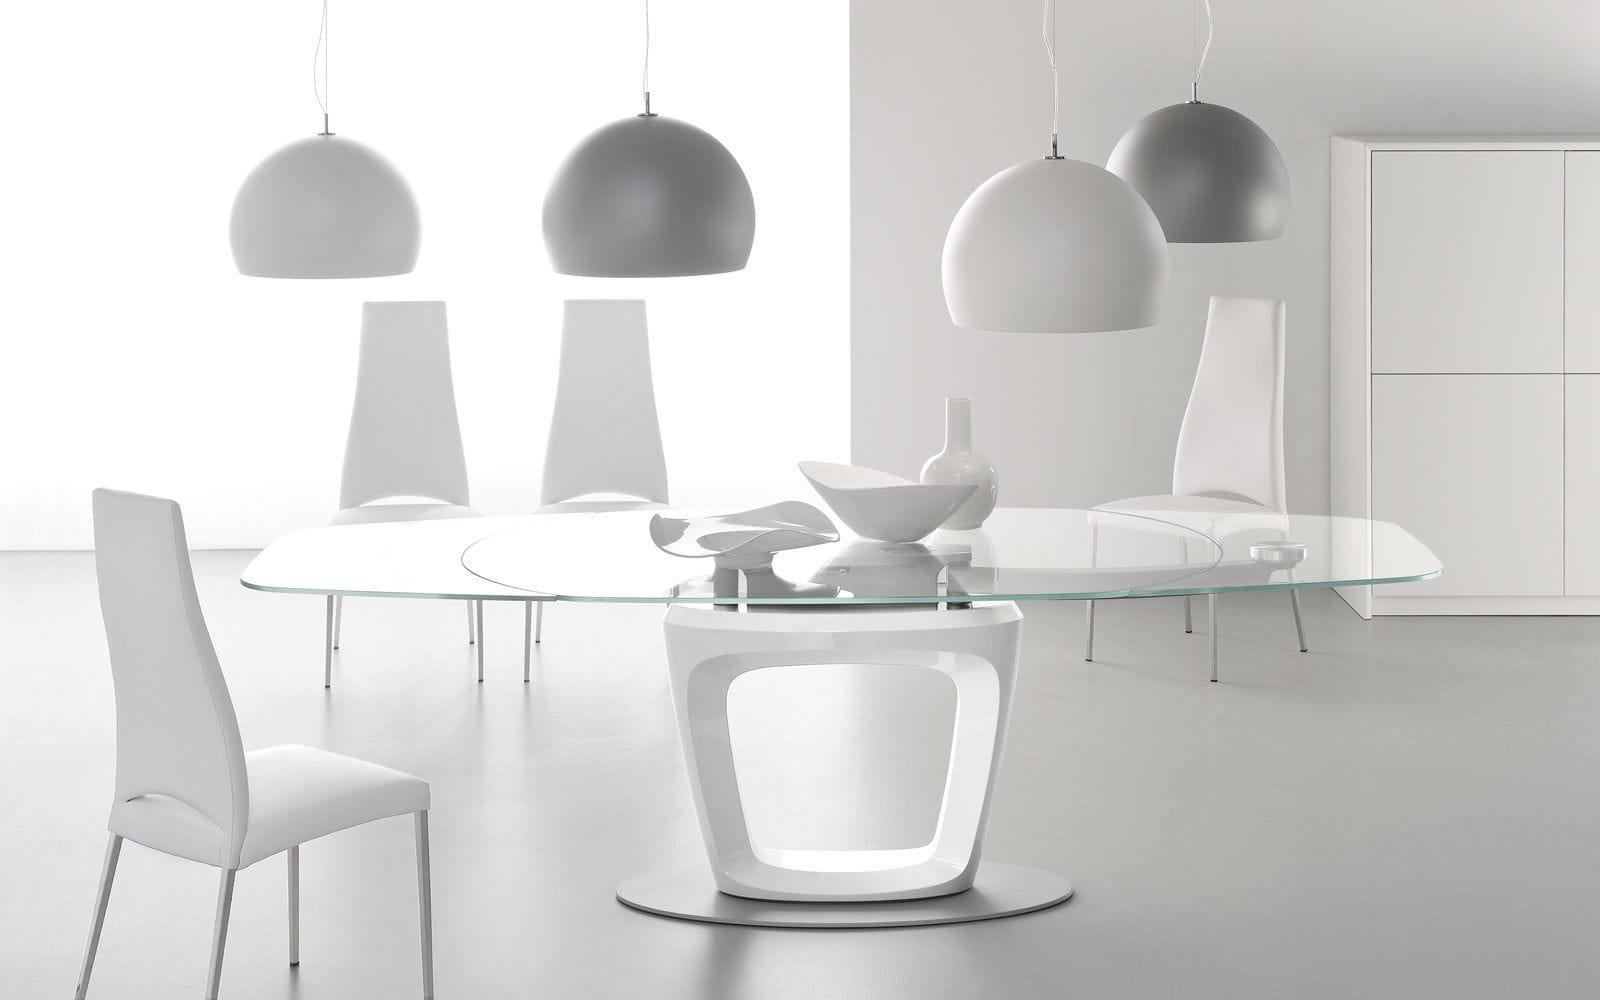 ... chaise contemporaine   avec accoudoirs   tapissée   avec dossier haut  ... e2233b01eff6